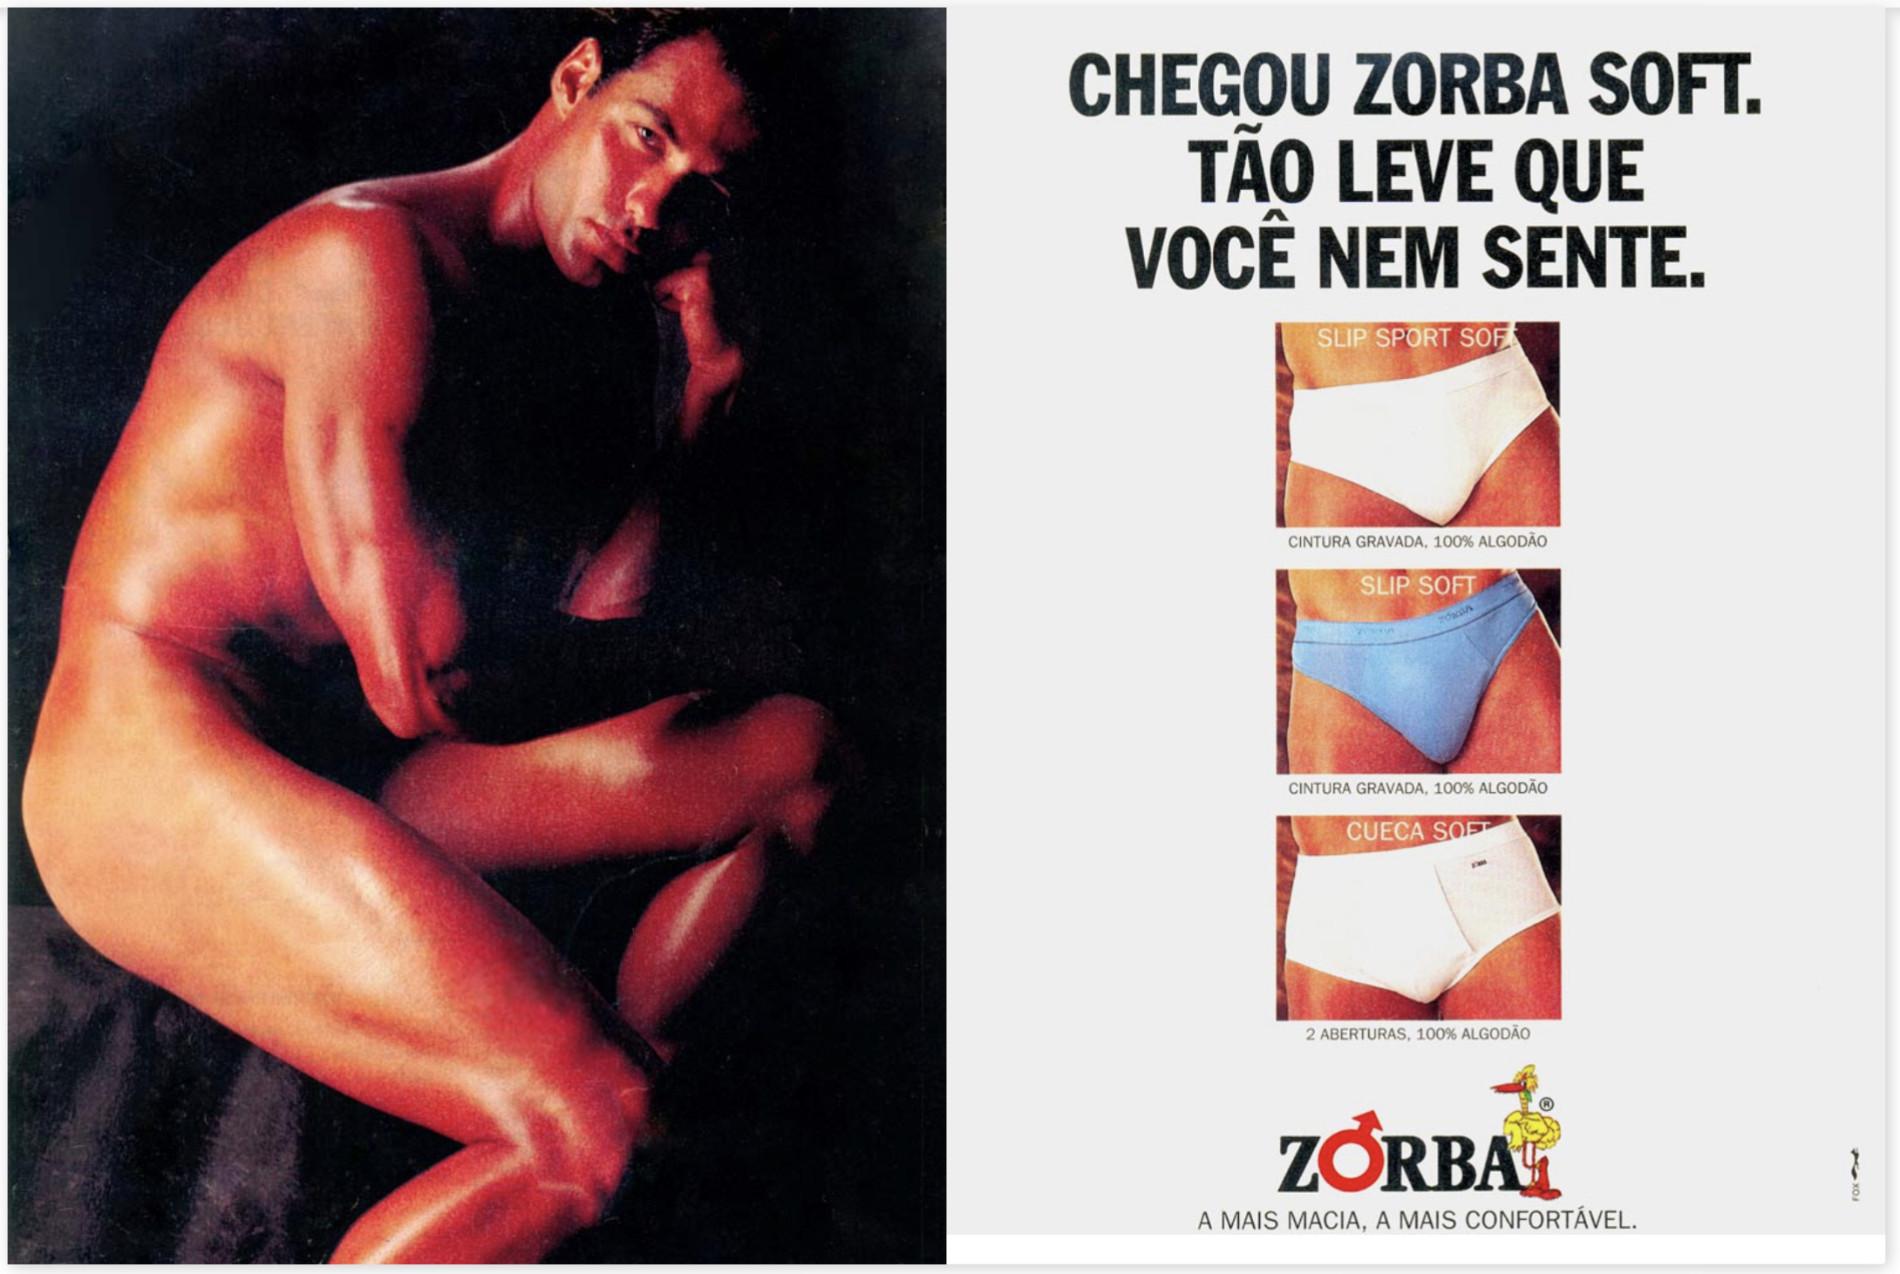 Anúncio da Zorba em 1993 promovendo sua linha de cuecas Soft